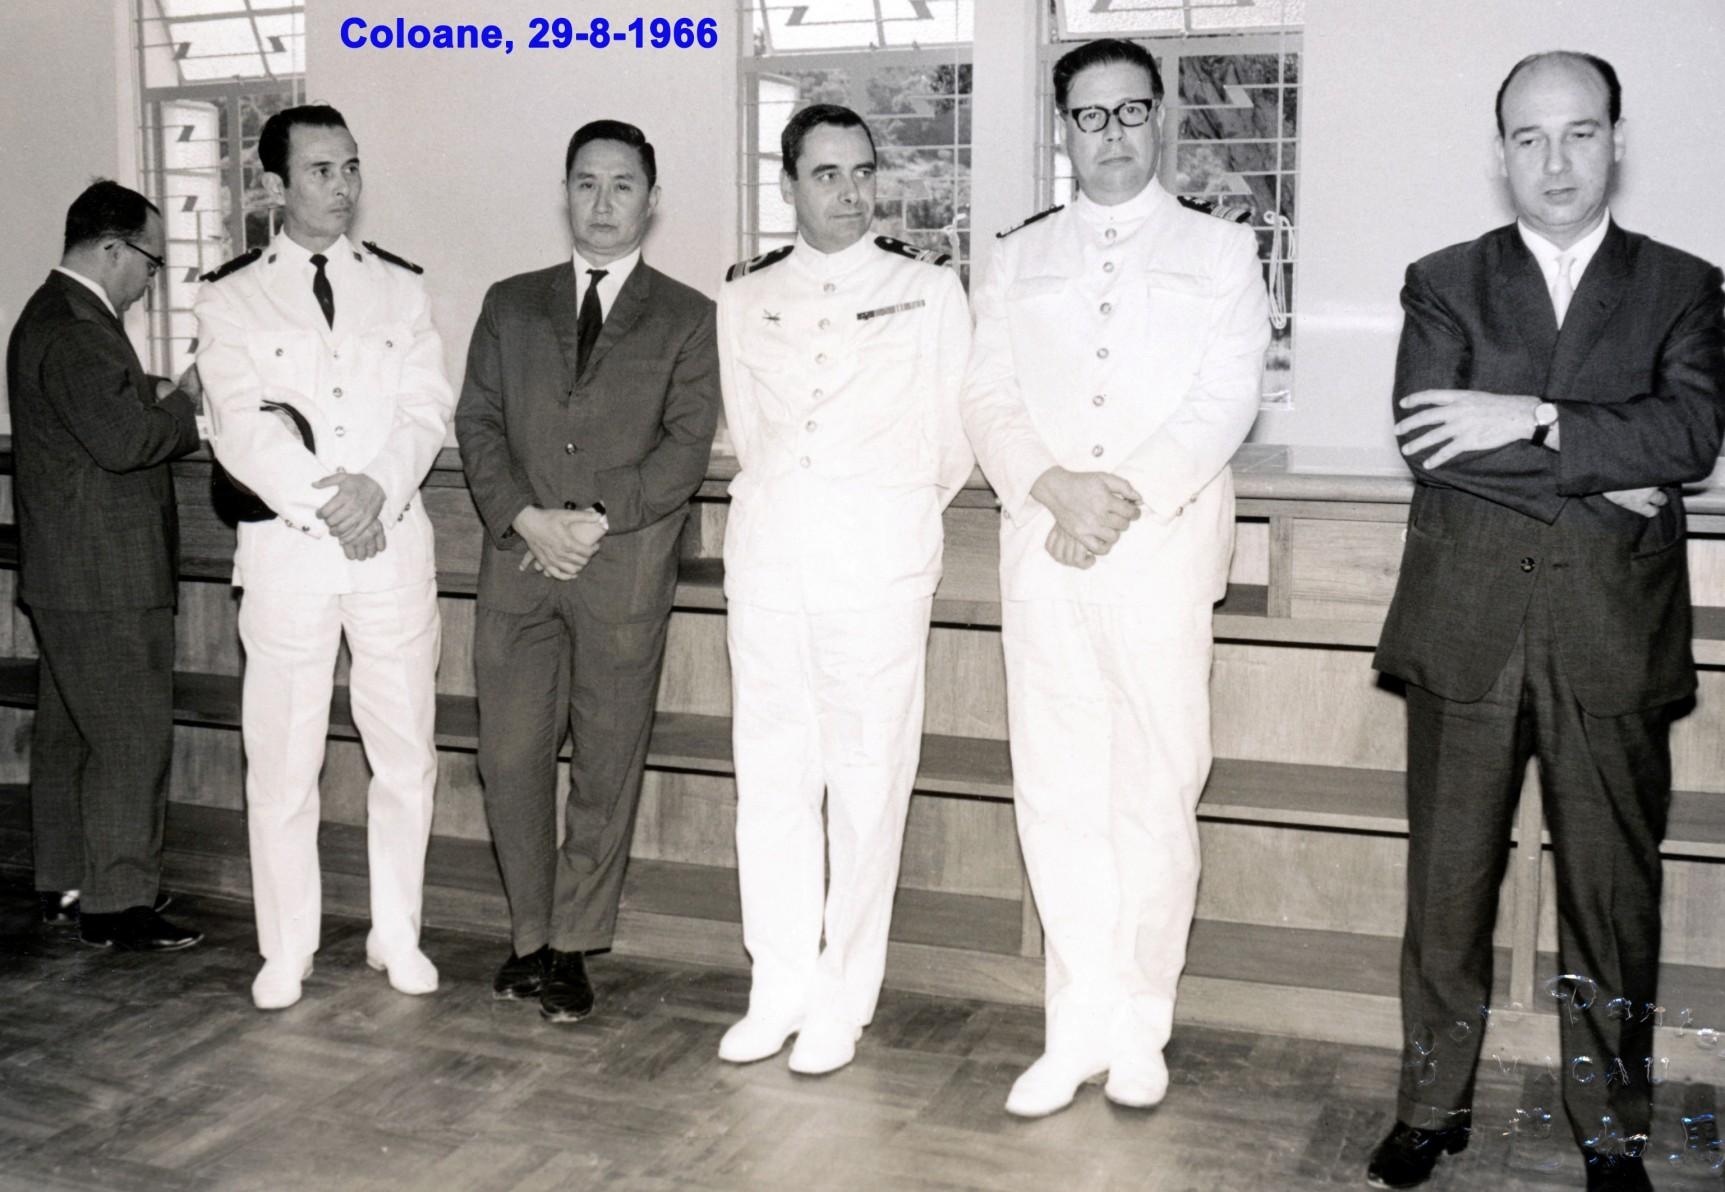 030 66-09-28 inauguração do Posto Administrativo de Coloane